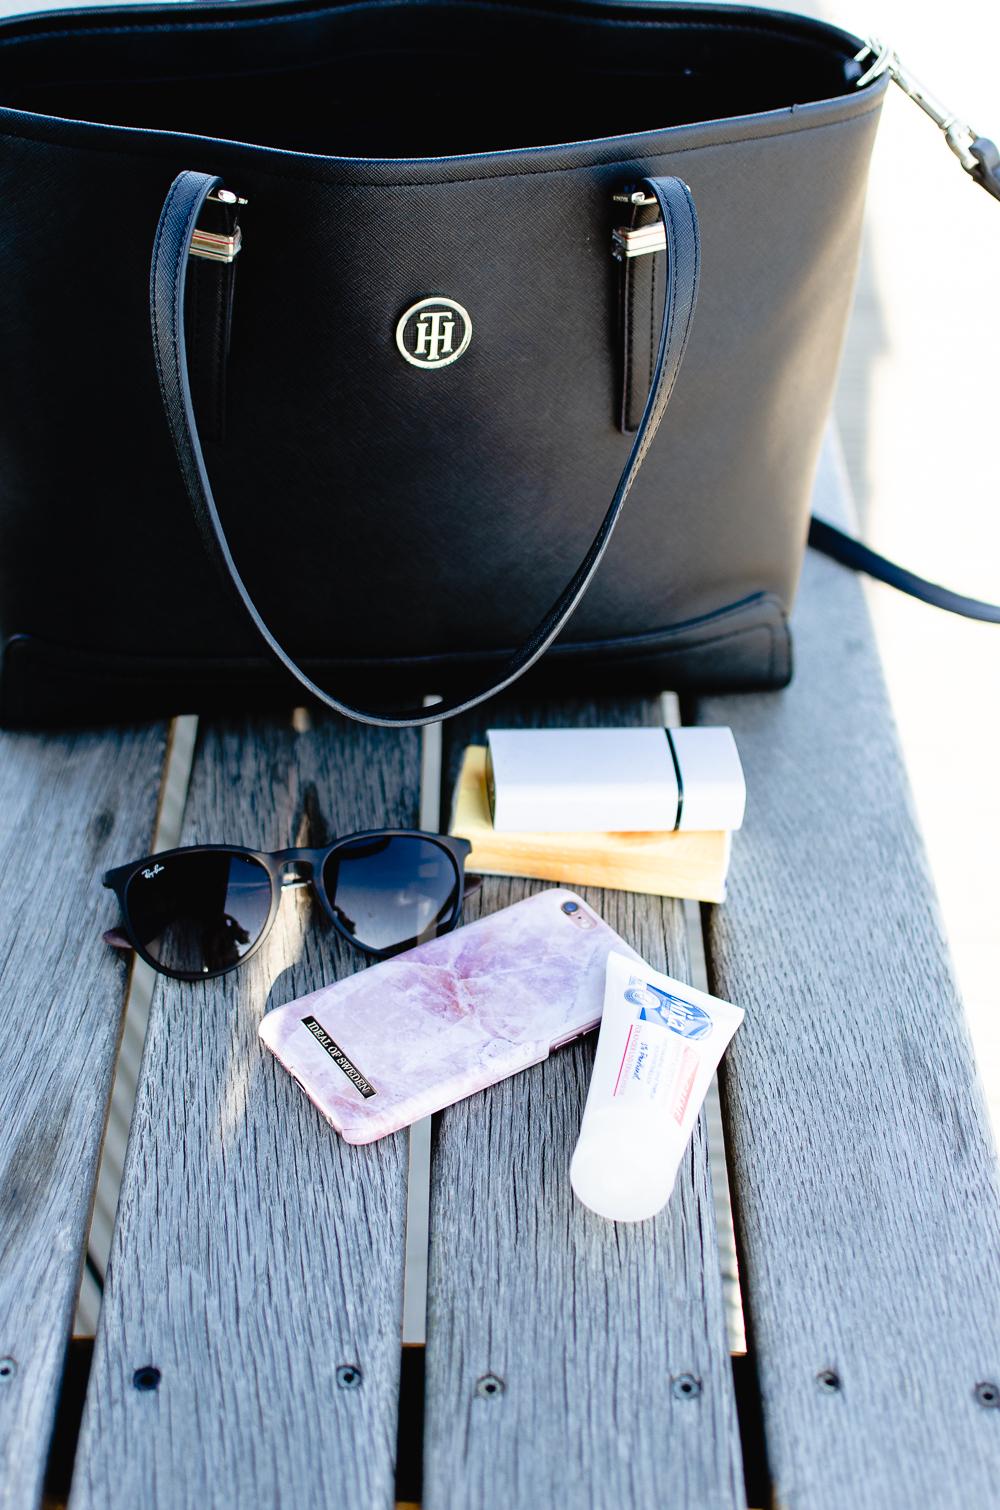 Mixa Cica Creme-Packliste für einen Tagesausflug-Beautyblog-andysparkles